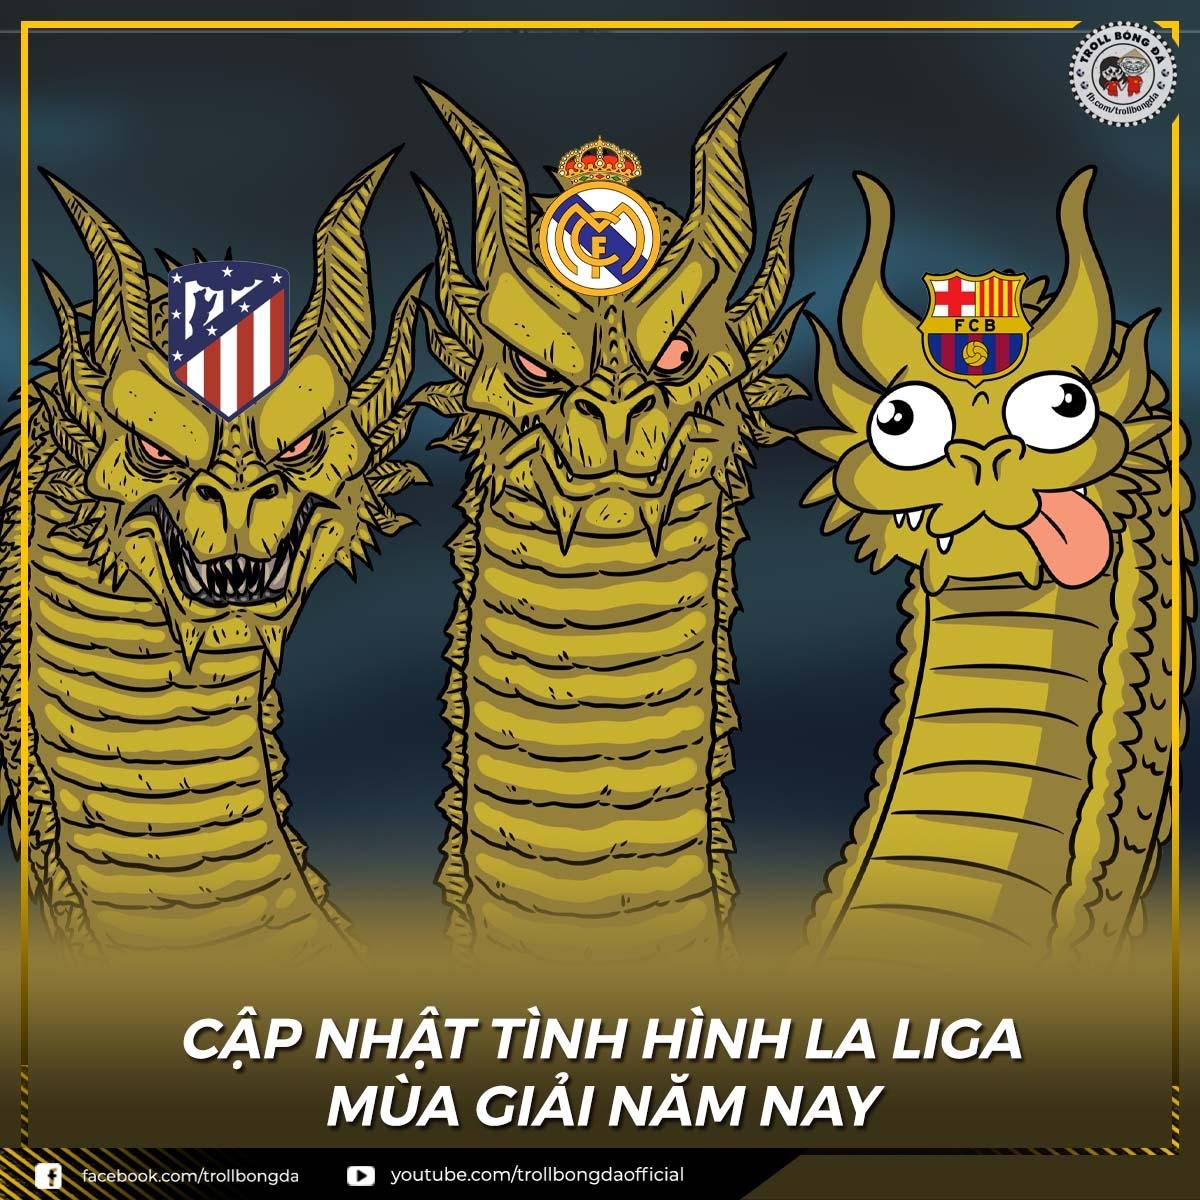 Barca tự loại mình khỏi cuộc đua vô địch La Liga. (Ảnh: Troll Bóng Đá)